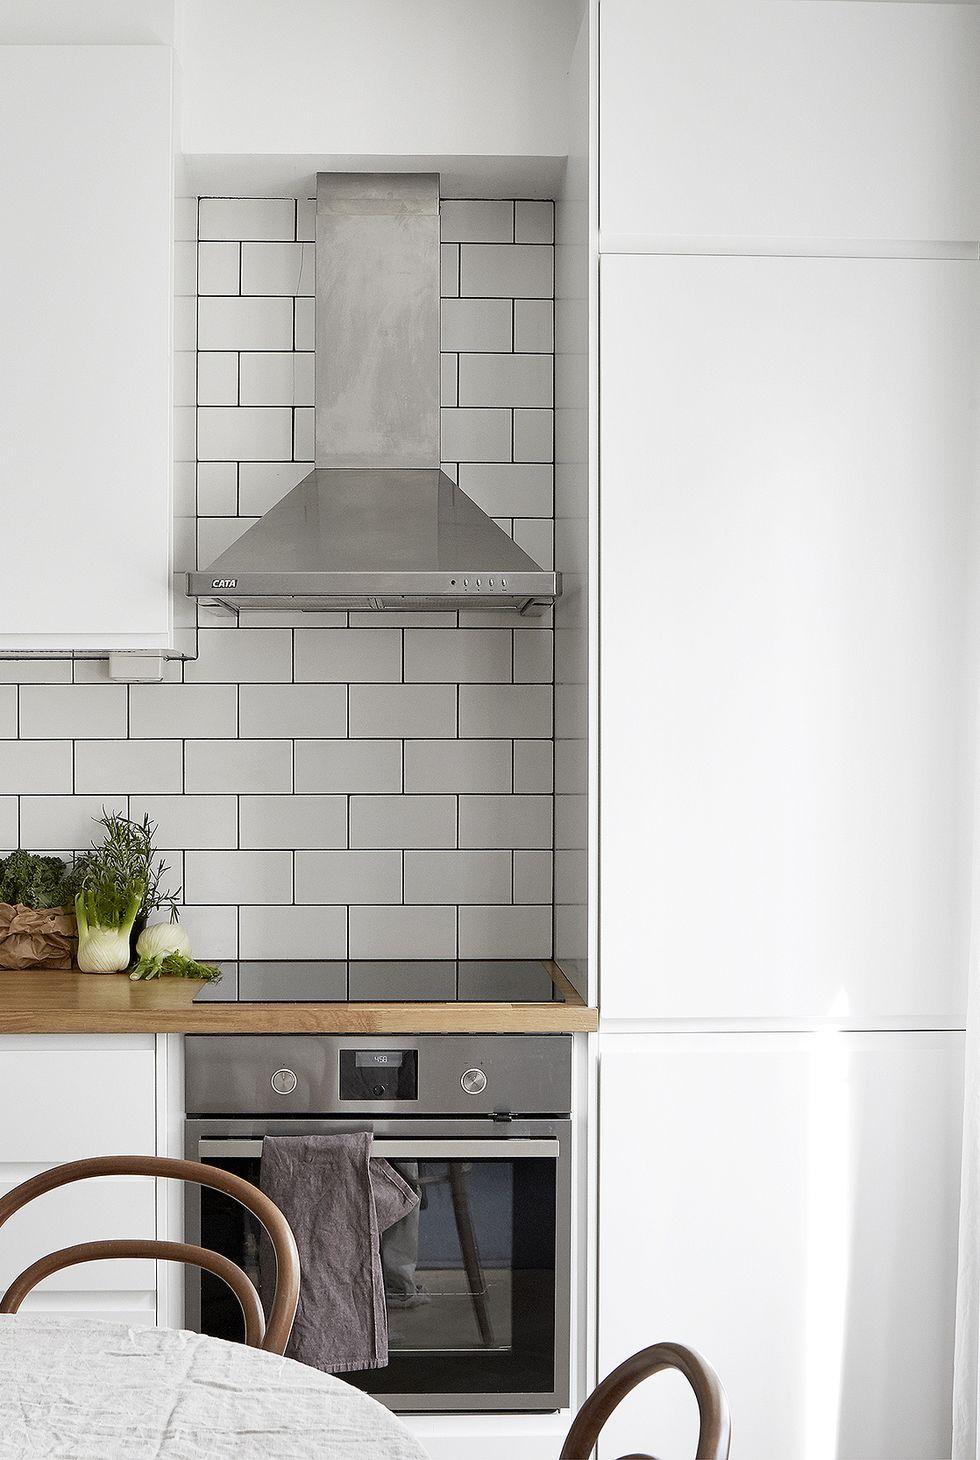 50 Best Small Kitchen Design Ideas Decor Solutions For Small Kitchens Kitchen Design Small Kitchen Remodel Small Kitchen Design Styles